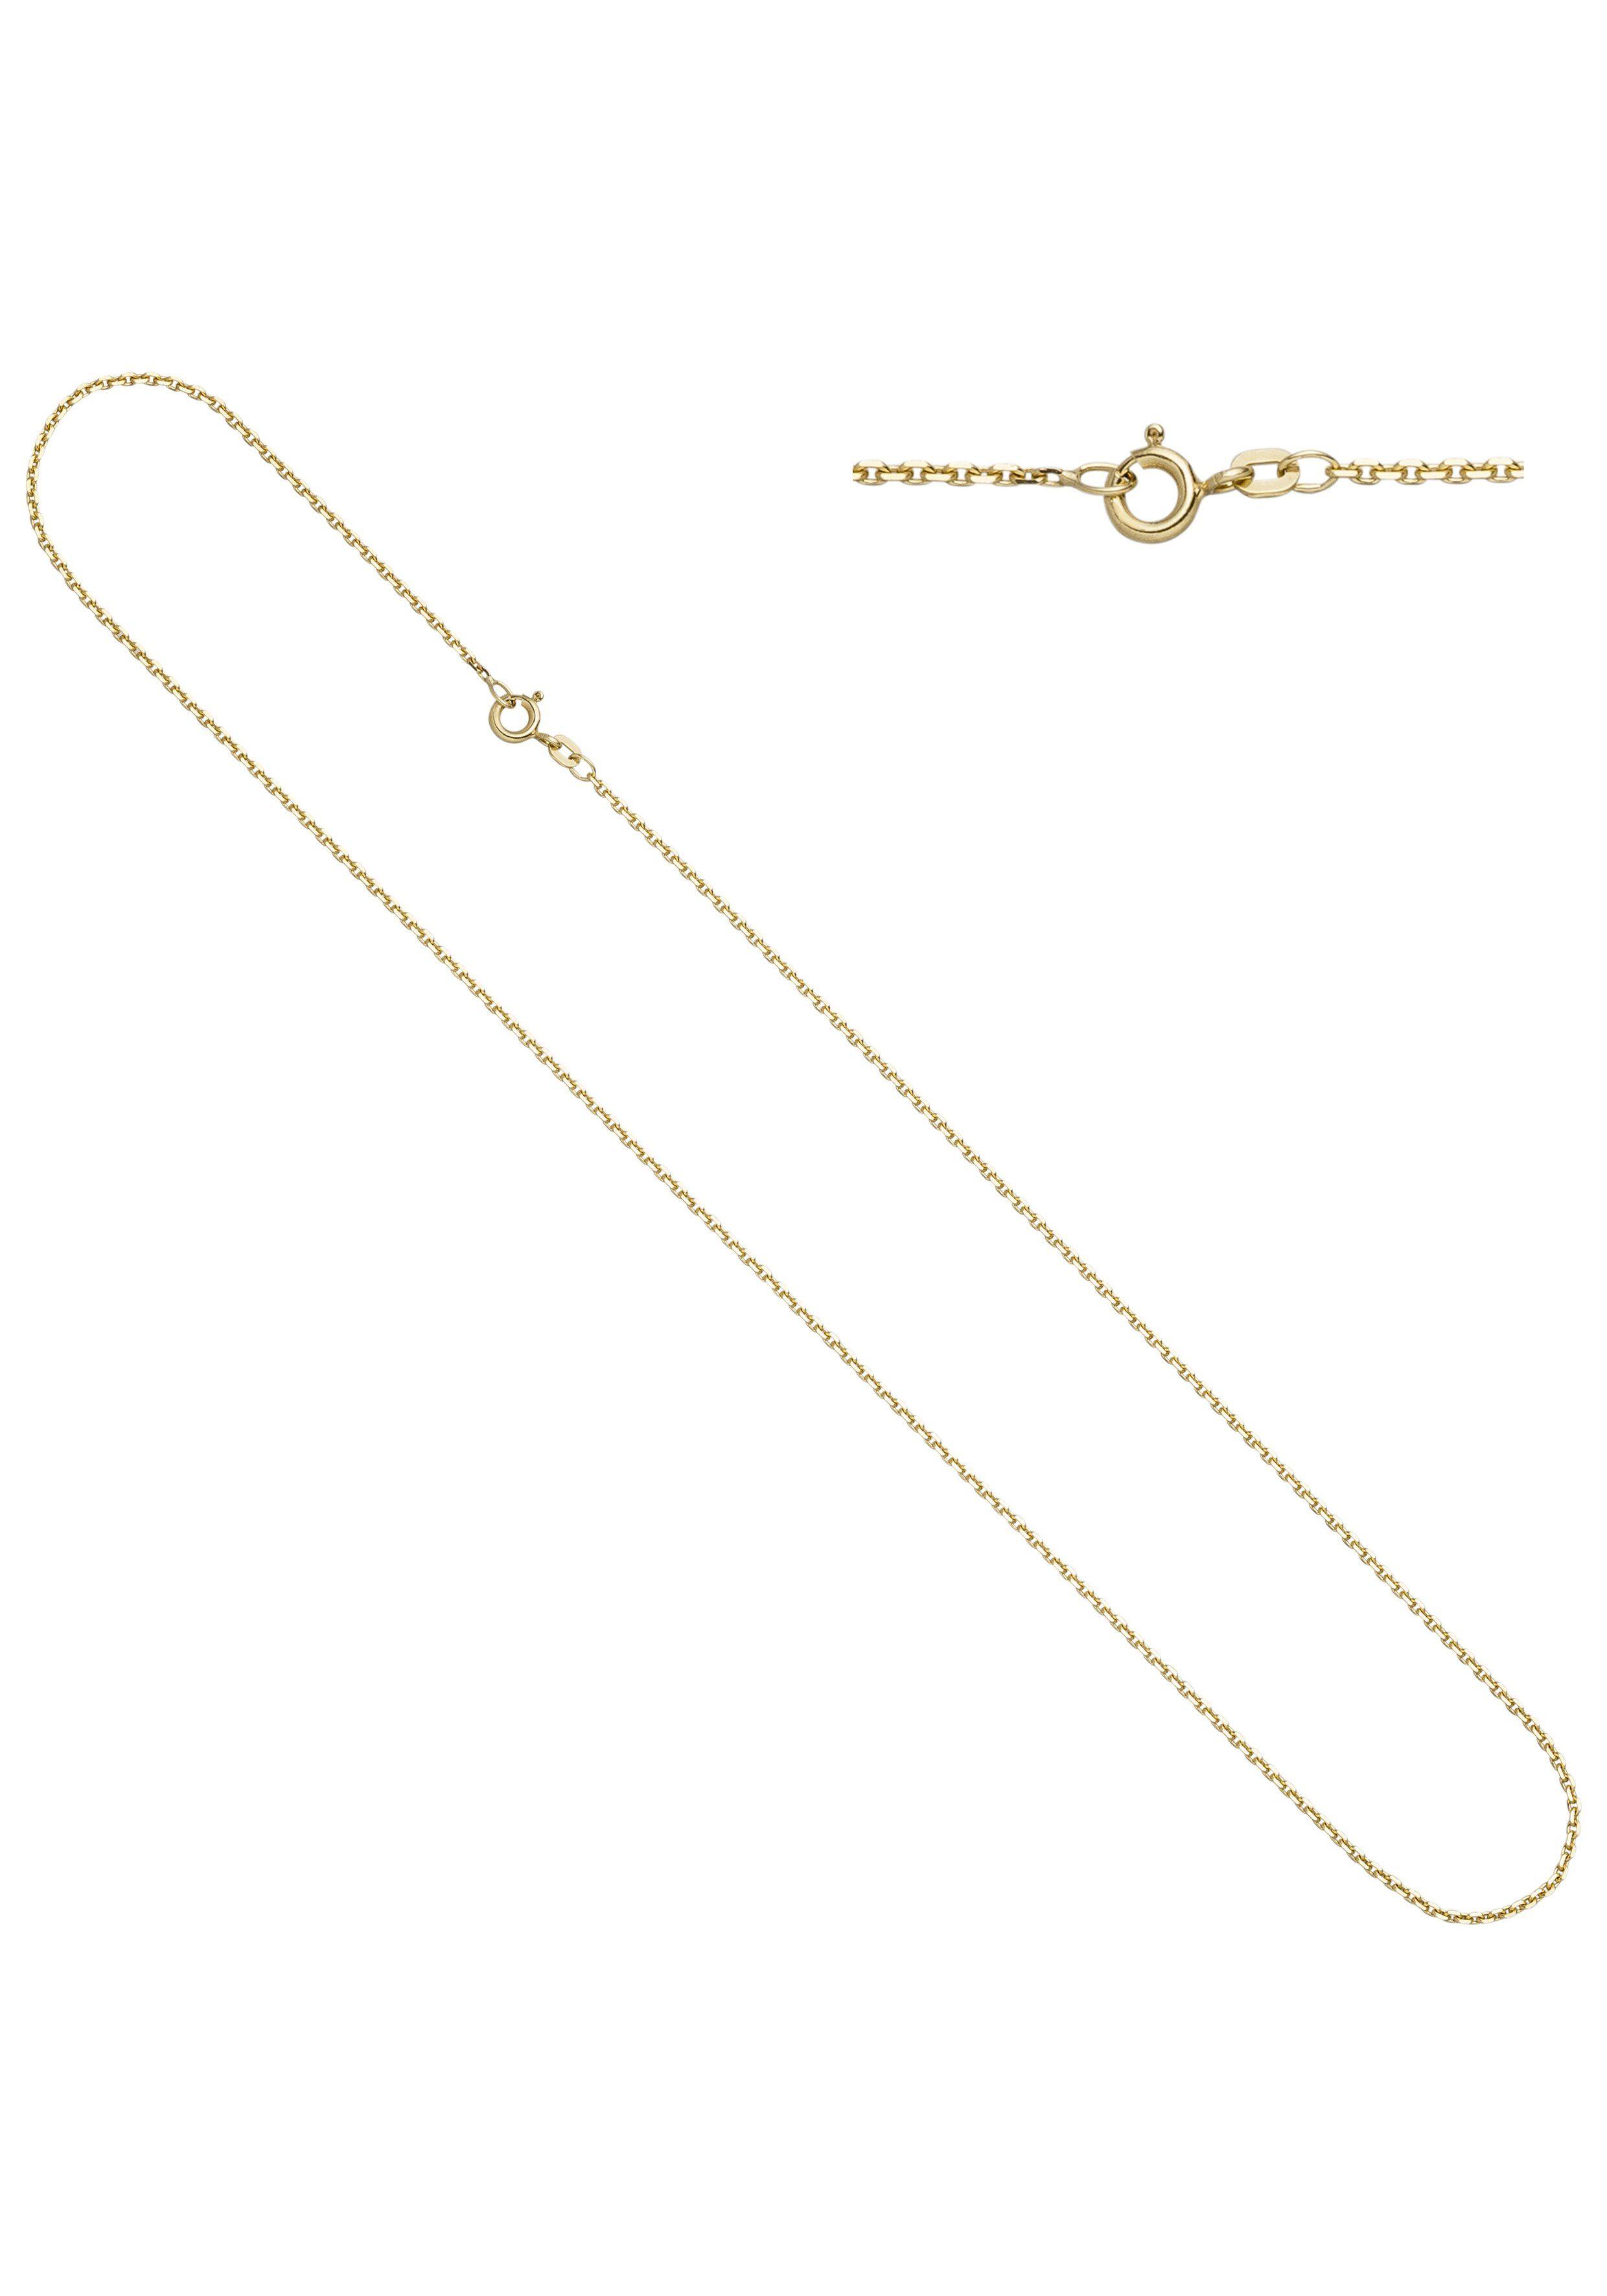 JOBO Goldkette Ankerkette 333 Gold 42 cm 1,6 mm